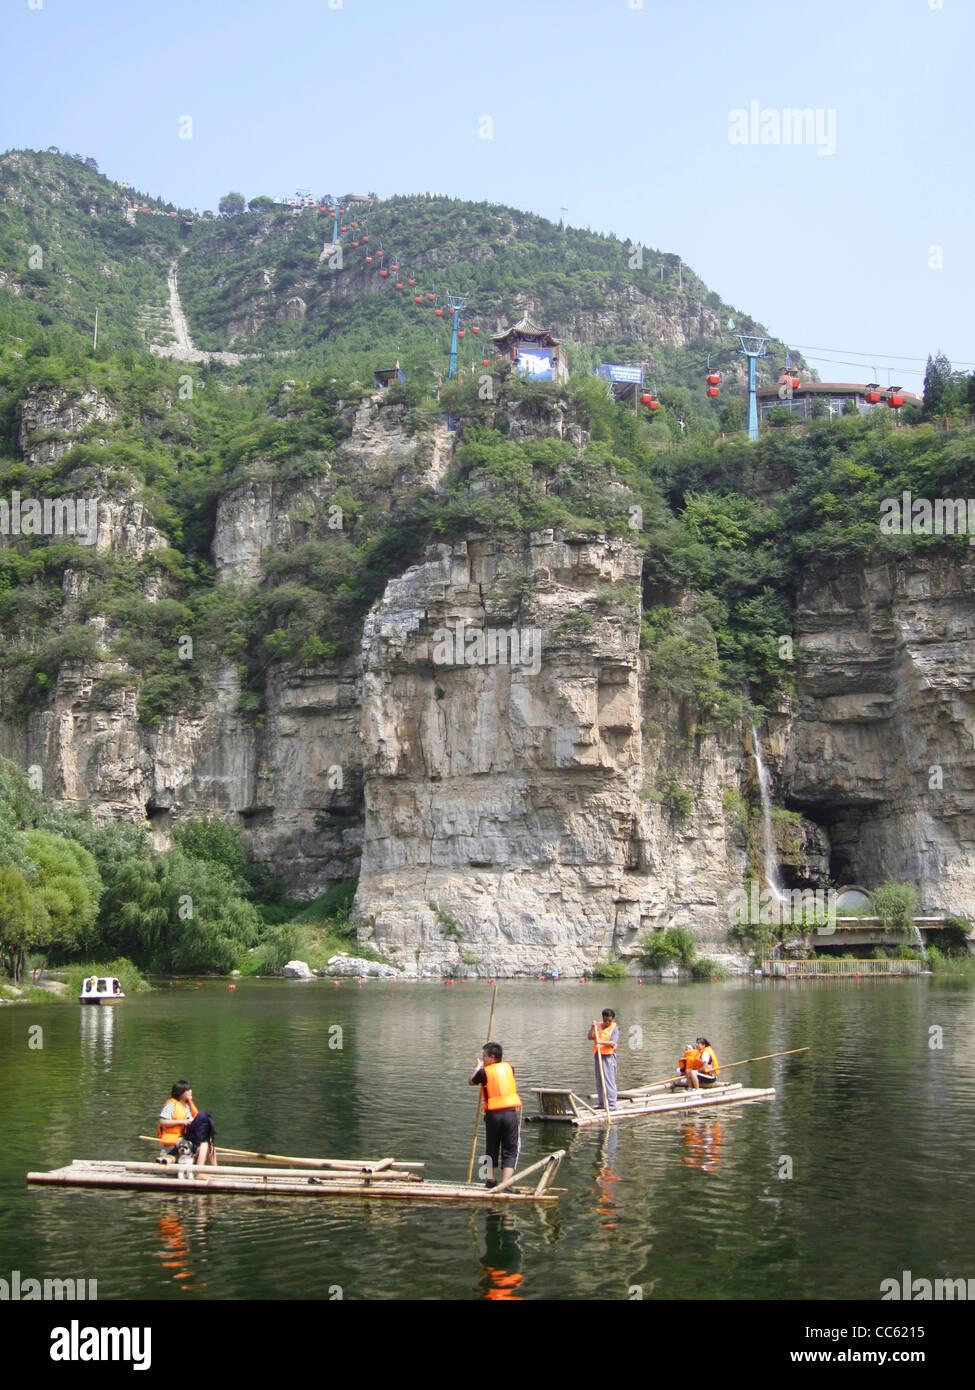 Tourists boating on Juma River, Shi Du Scenic Area, Beijing, China - Stock Image